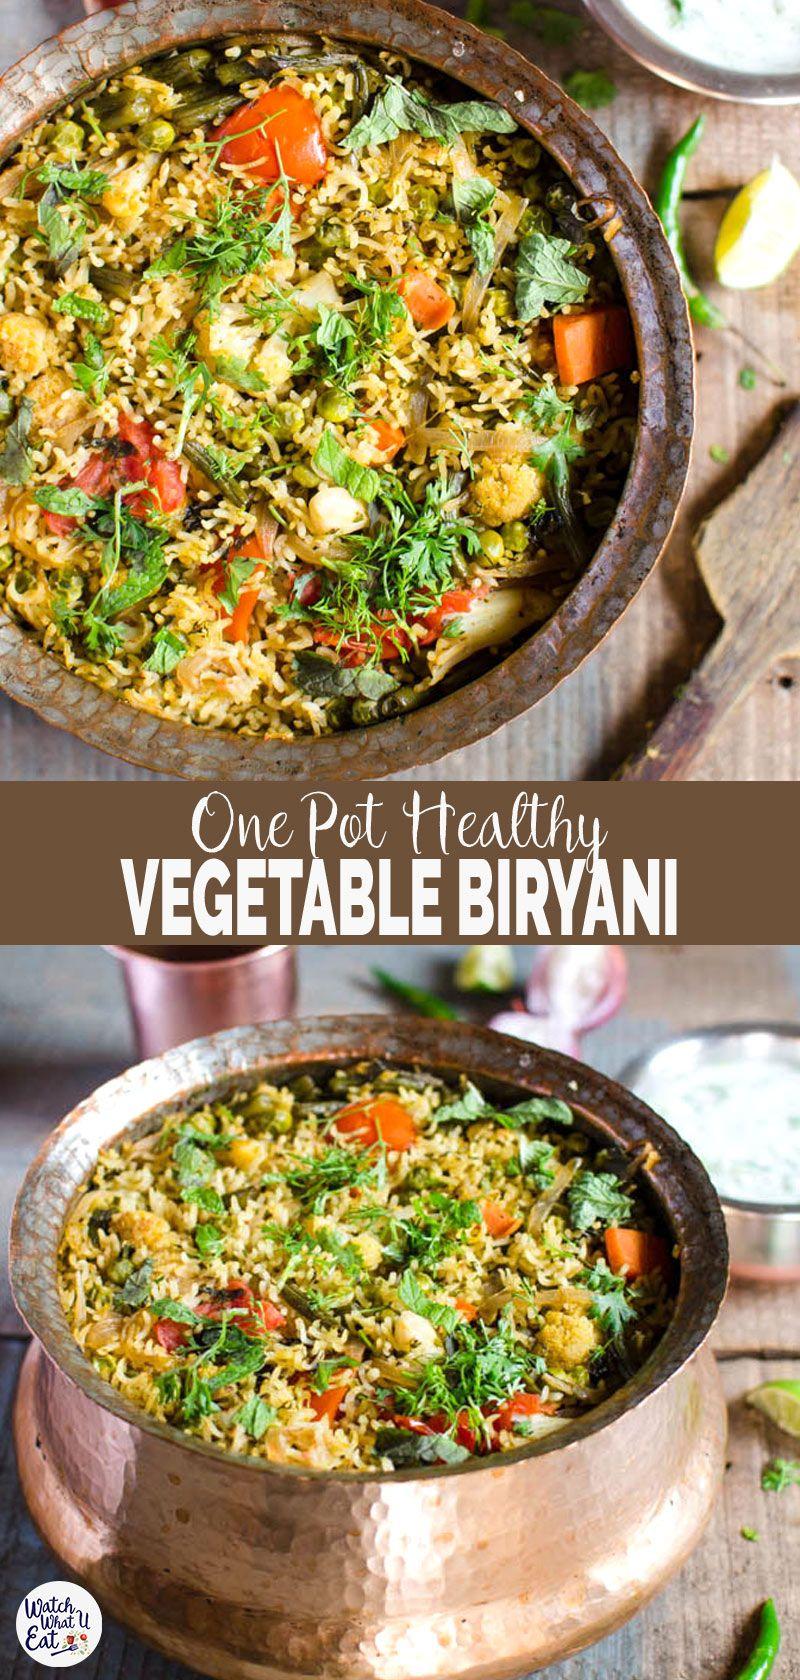 One Pot Vegetable Biryani images